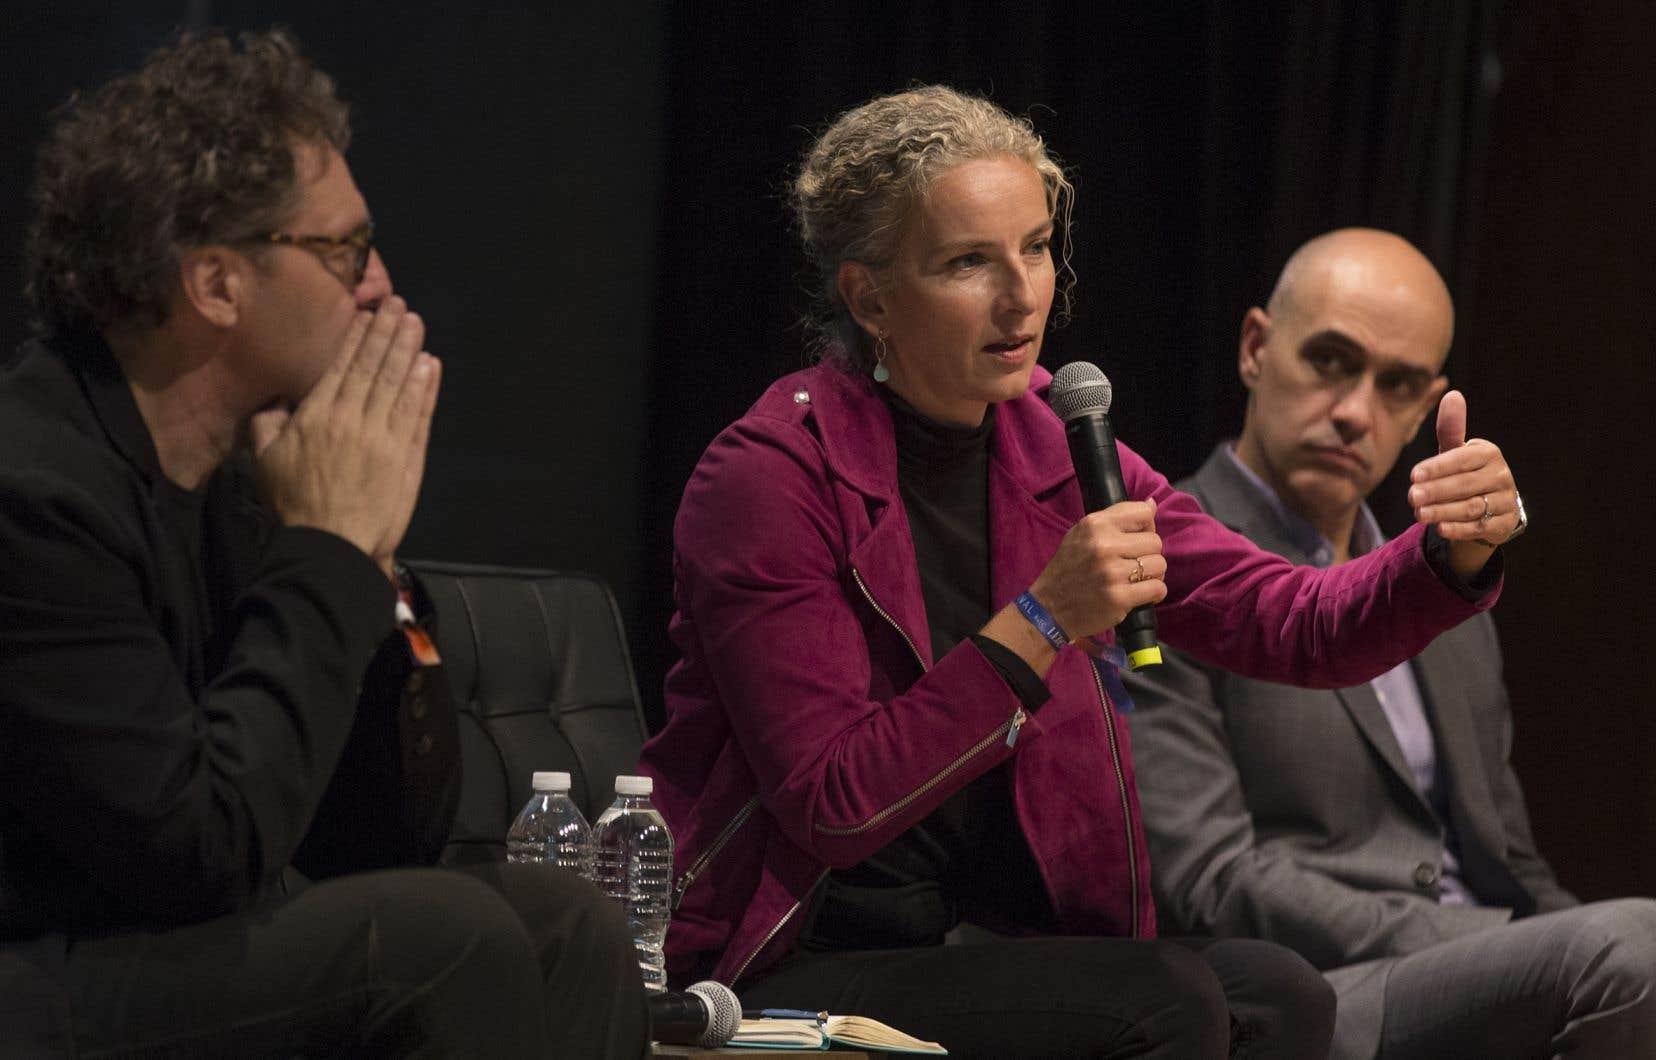 L'écologiste Sidney Ribaux (à droite), lors du Monde Festival Montréal 2018, aux côtés du professeur François Delorme, expert du GIEC, et de Delphine Batho, ancienne ministre française de l'Écologie